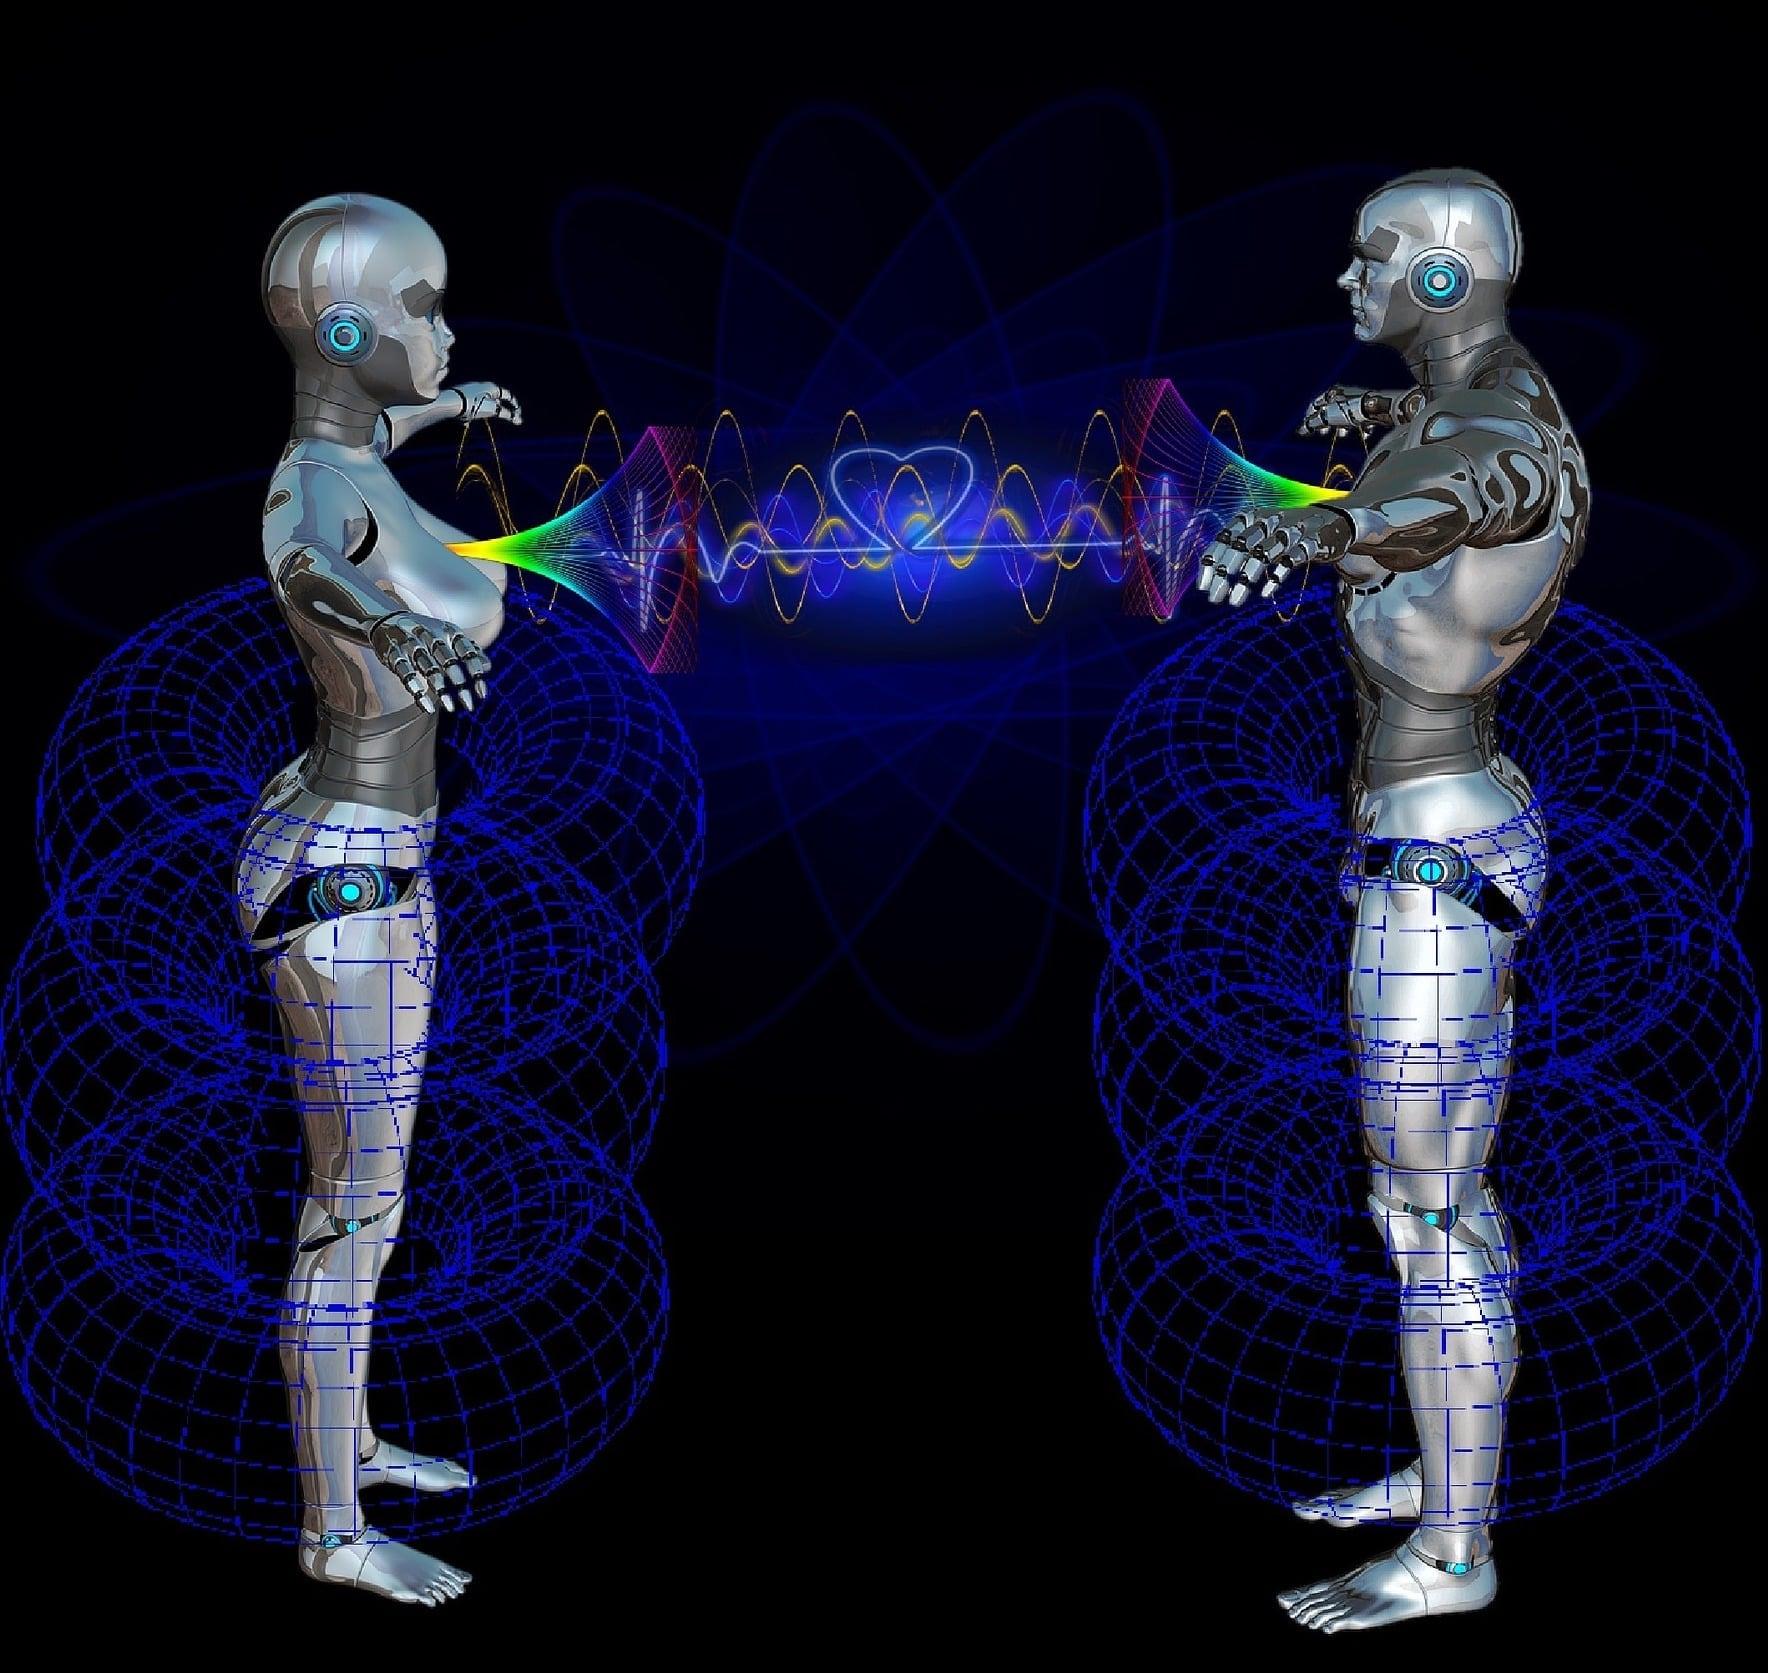 オンラインでも行います!!見えないものを観ることができる【量子場観察術®︎講座】のイメージその3